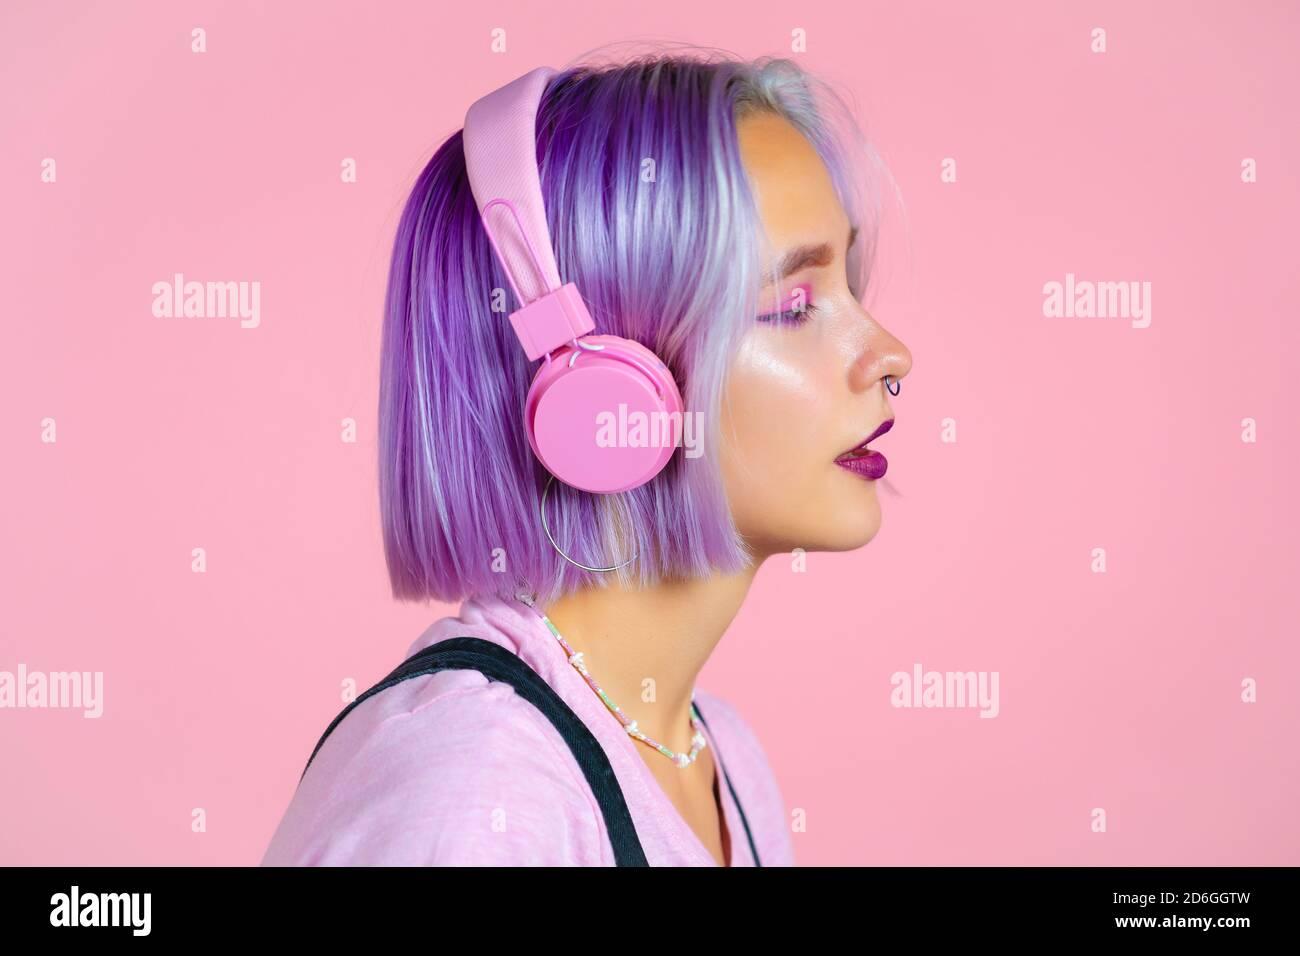 Nahaufnahme Porträt von hübschen Mädchen mit gefärbten violetten Haaren Musik hören, lächeln, tanzen in Kopfhörer im Studio vor rosa Hintergrund. Musik Stockfoto